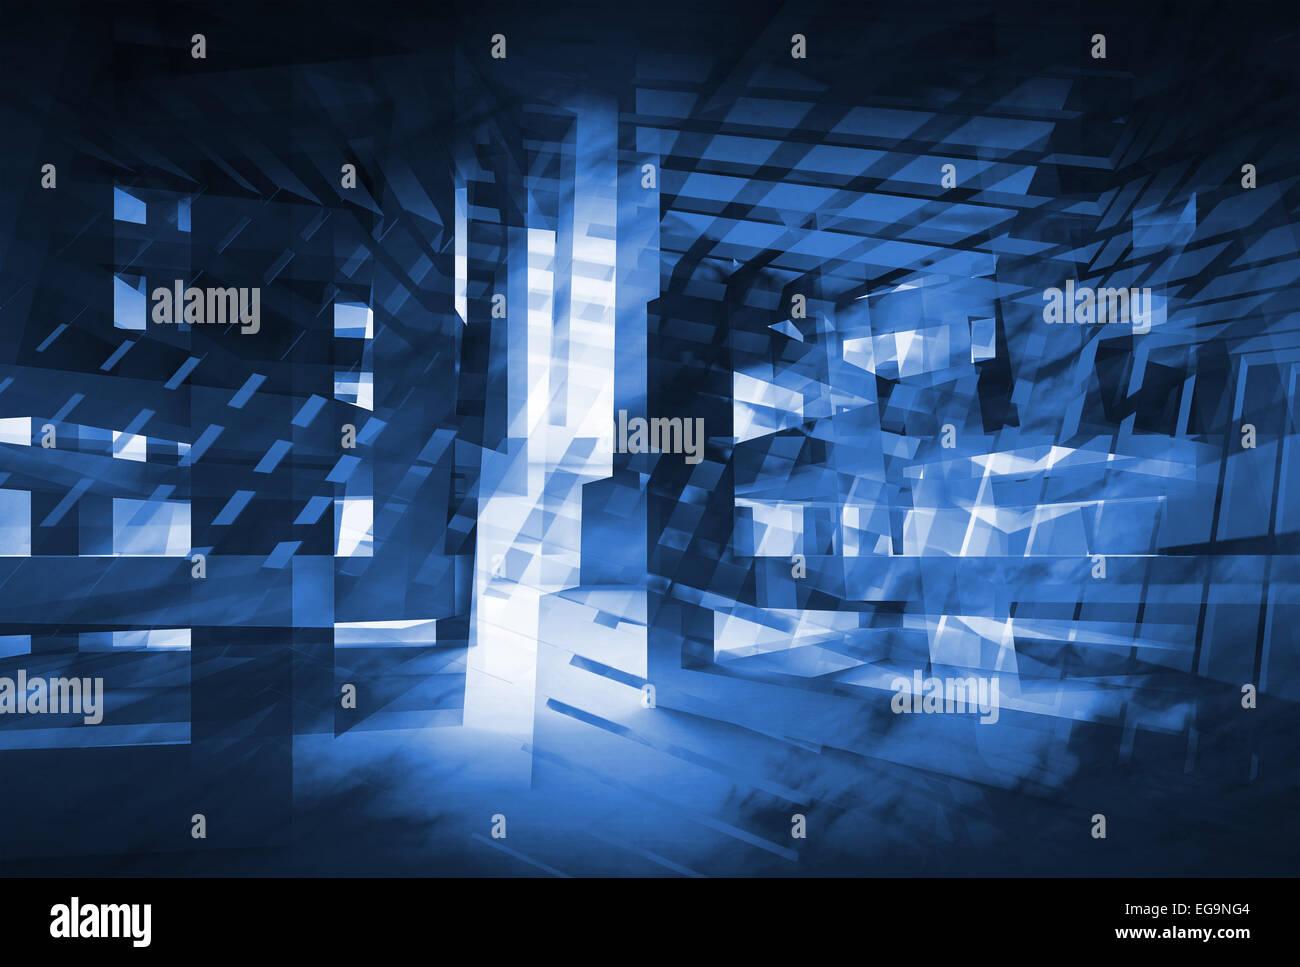 Résumé bleu foncé fond numérique 3d. Hi-tech concept illustration Photo Stock